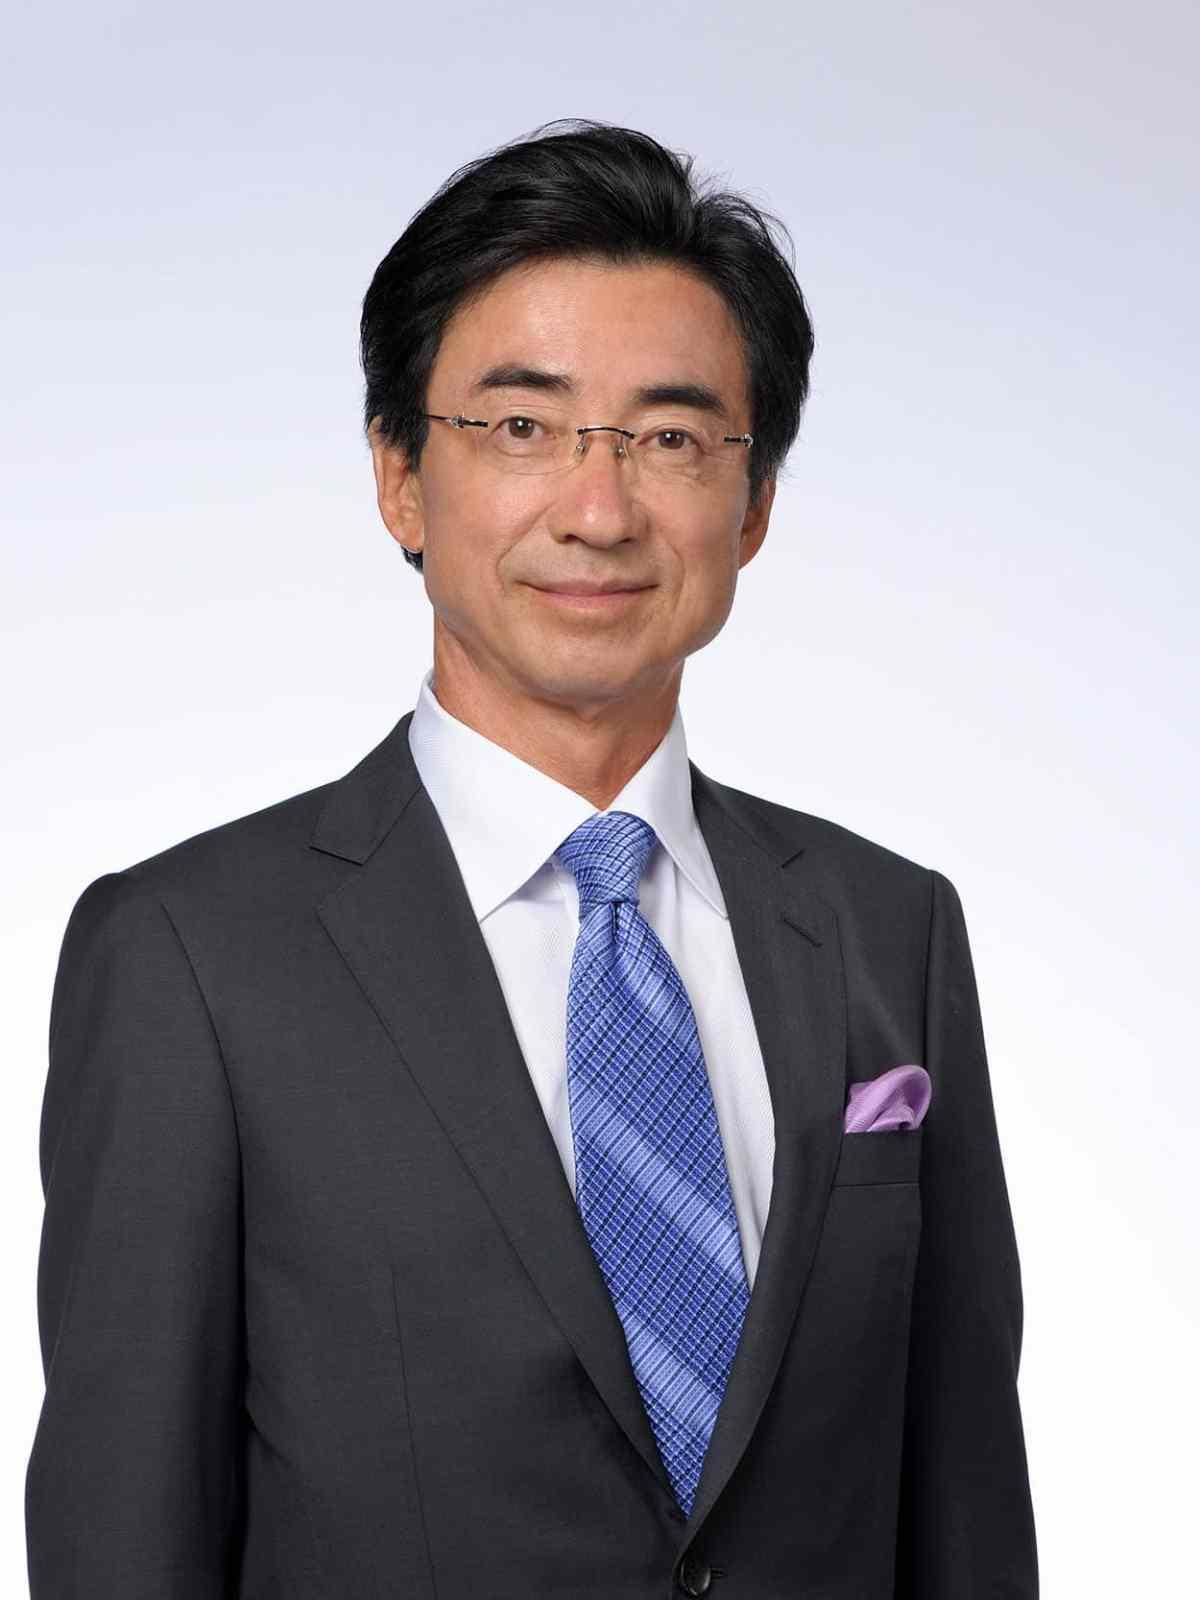 Mr. Hattori, CEO of Seiko